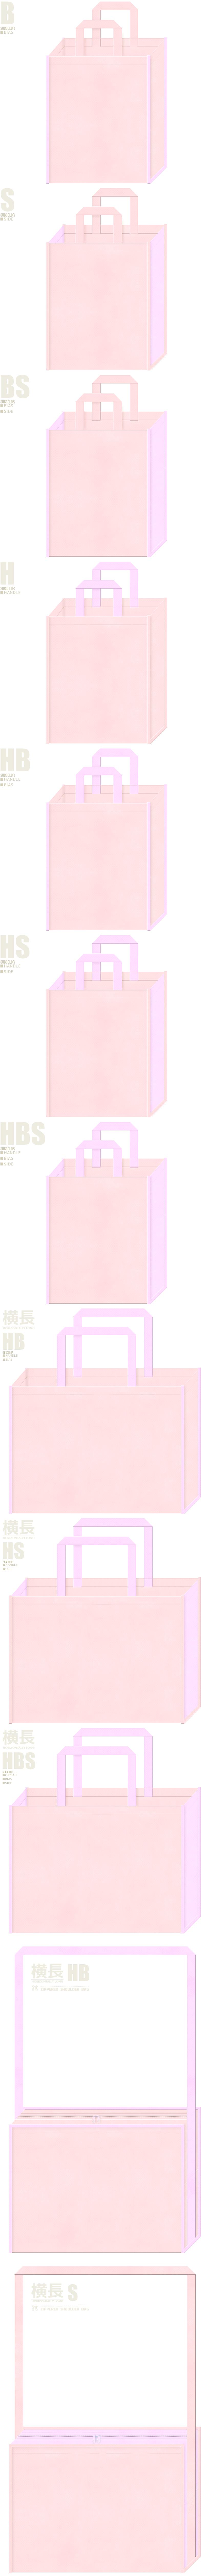 保育・福祉・介護・医療・入園・入学・桃・浴衣・ドリーム・パジャマ・インテリア・寝具・パステルカラー・ガーリーデザインにお奨めの不織布バッグデザイン:桜色と明るいピンク色の配色7パターン。